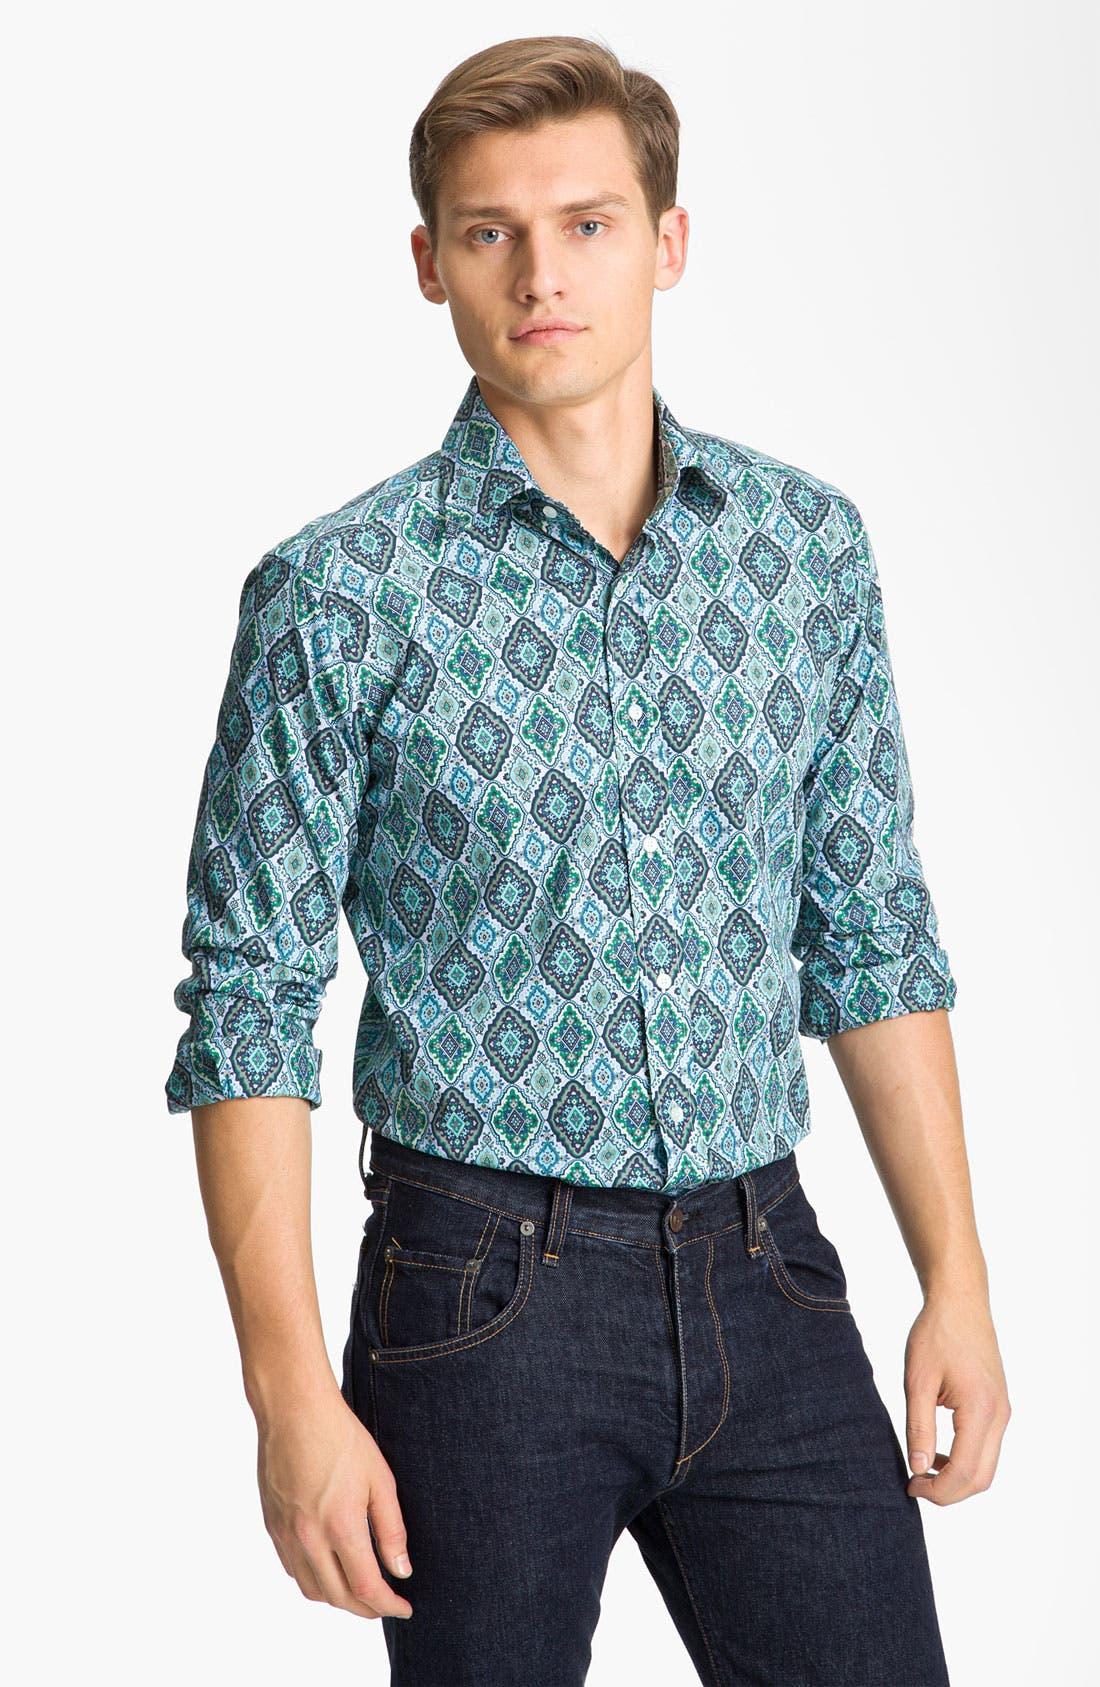 Main Image - Etro 'Diamond' Print Shirt